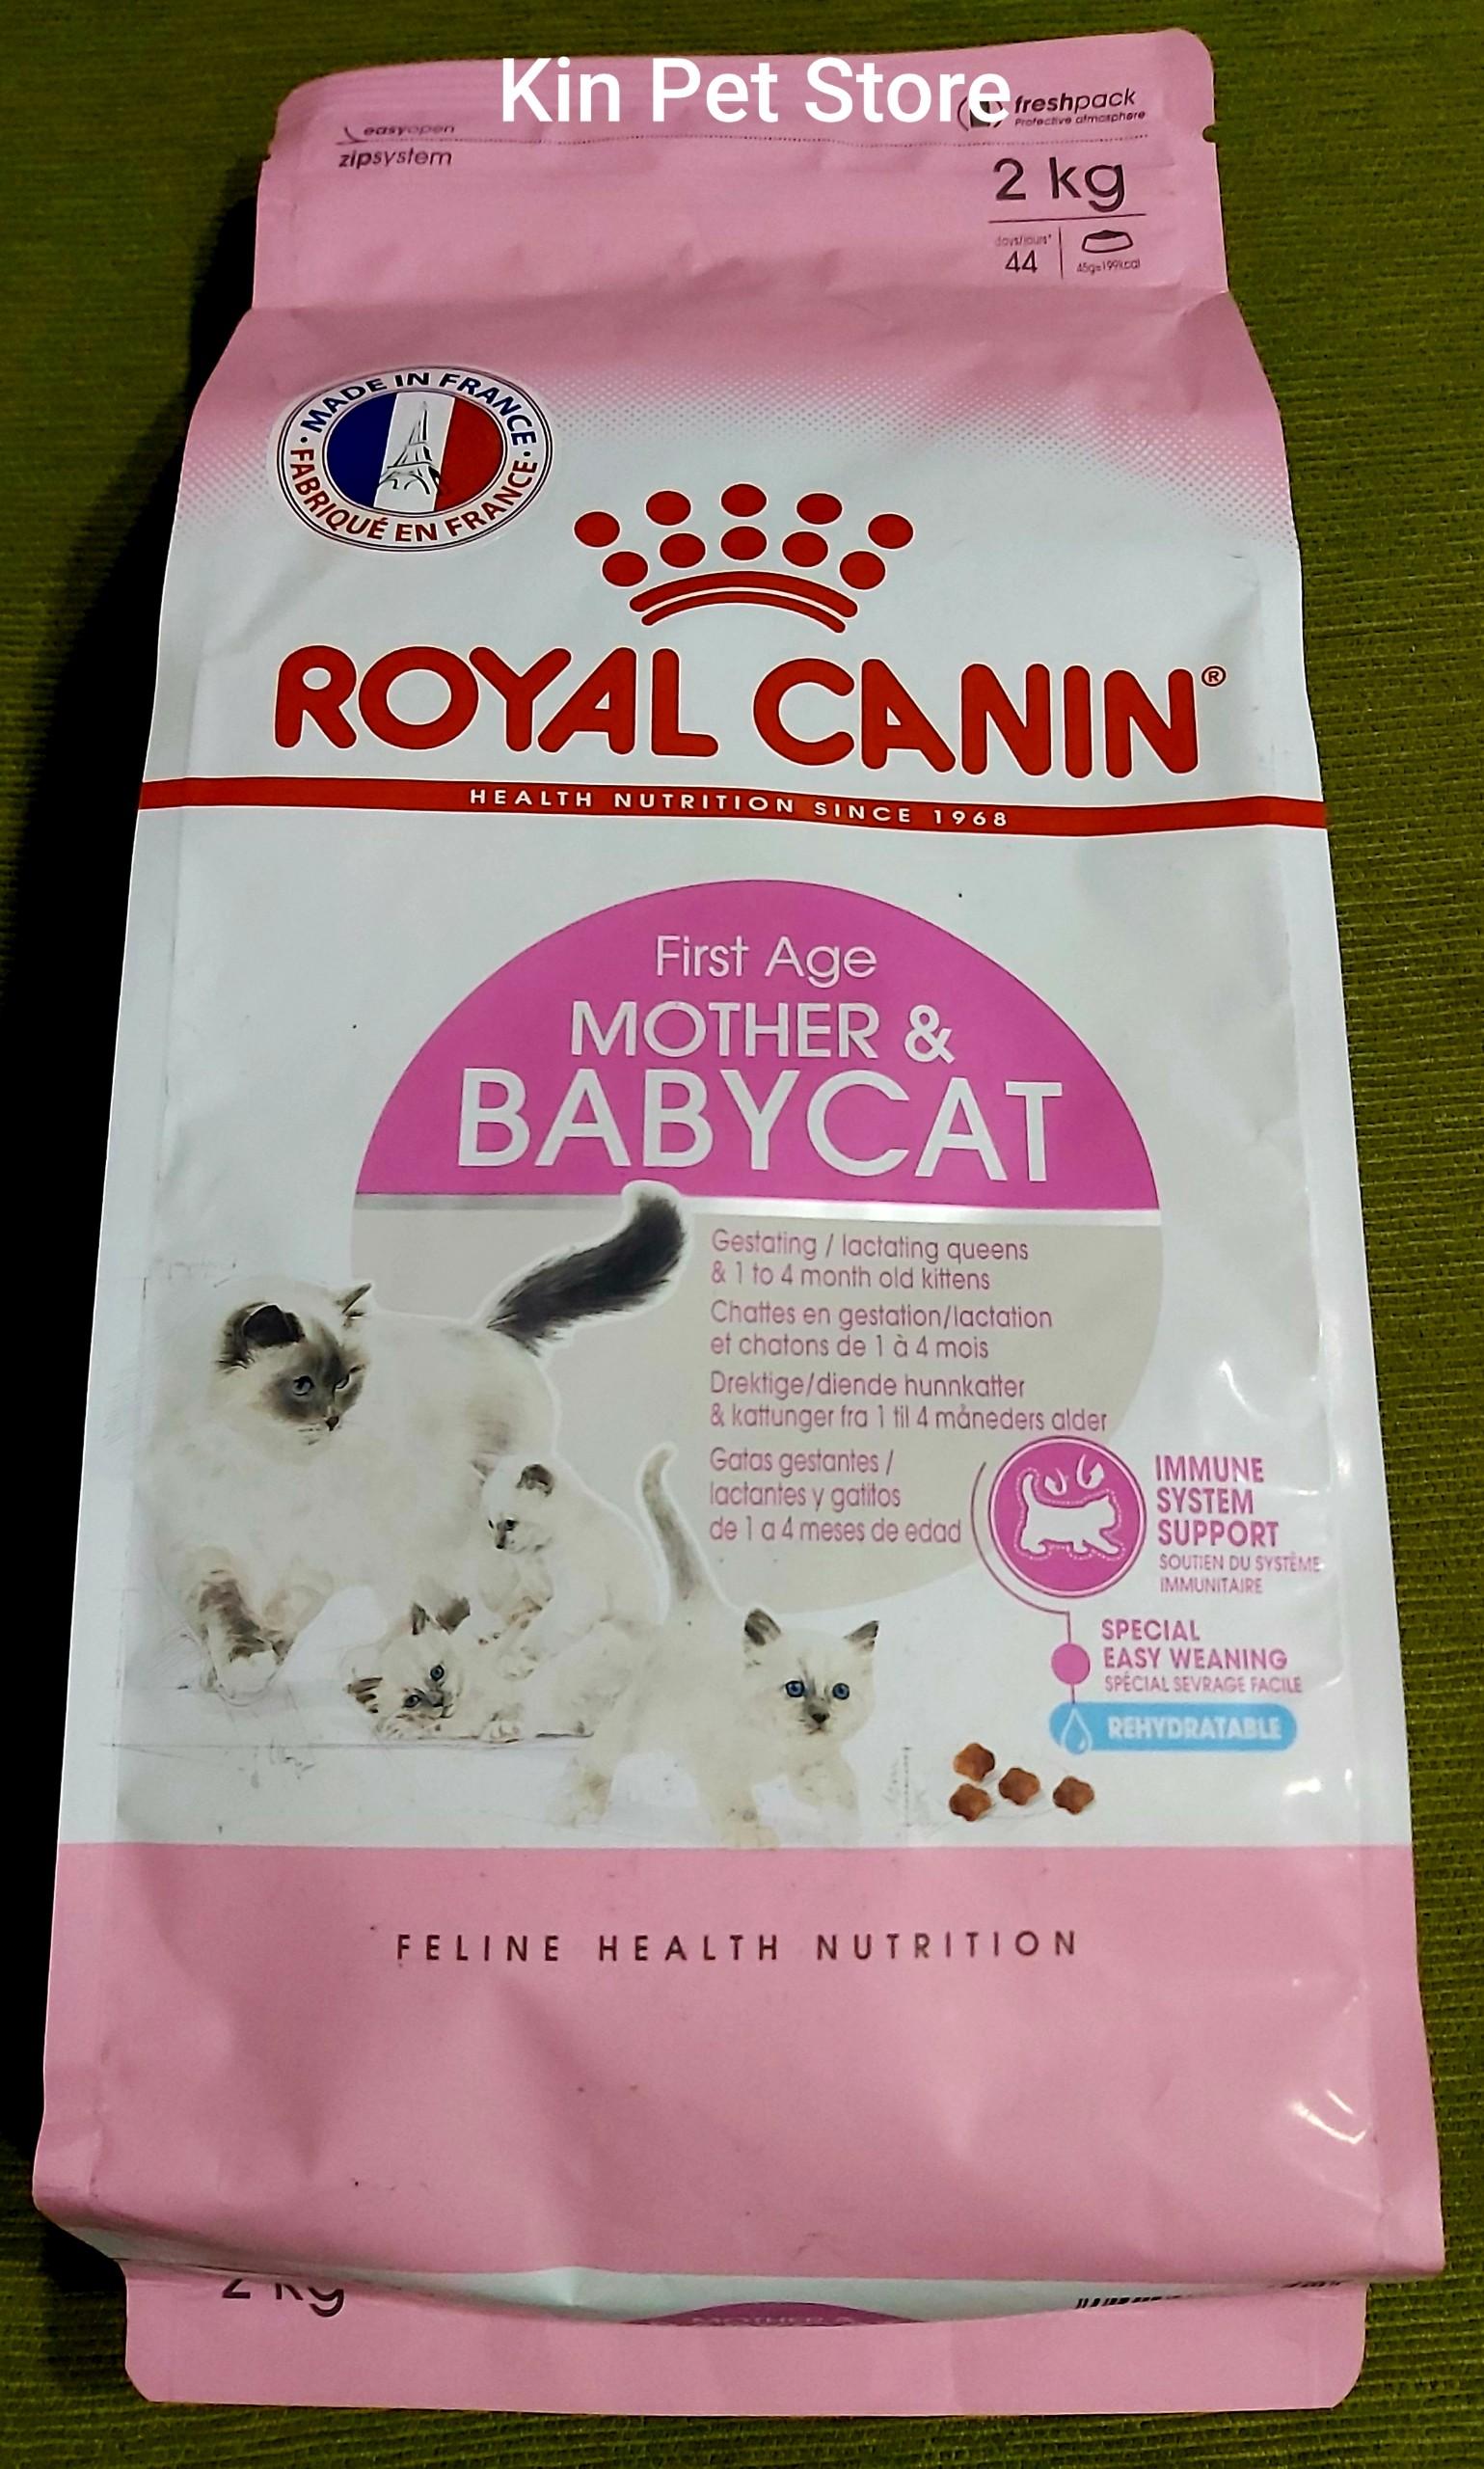 Thức ăn Cho Mèo Mẹ Và Mèo Con ROYAL CANIN MORTHER & BABYCAT 2kg Cùng Giá Khuyến Mãi Hot